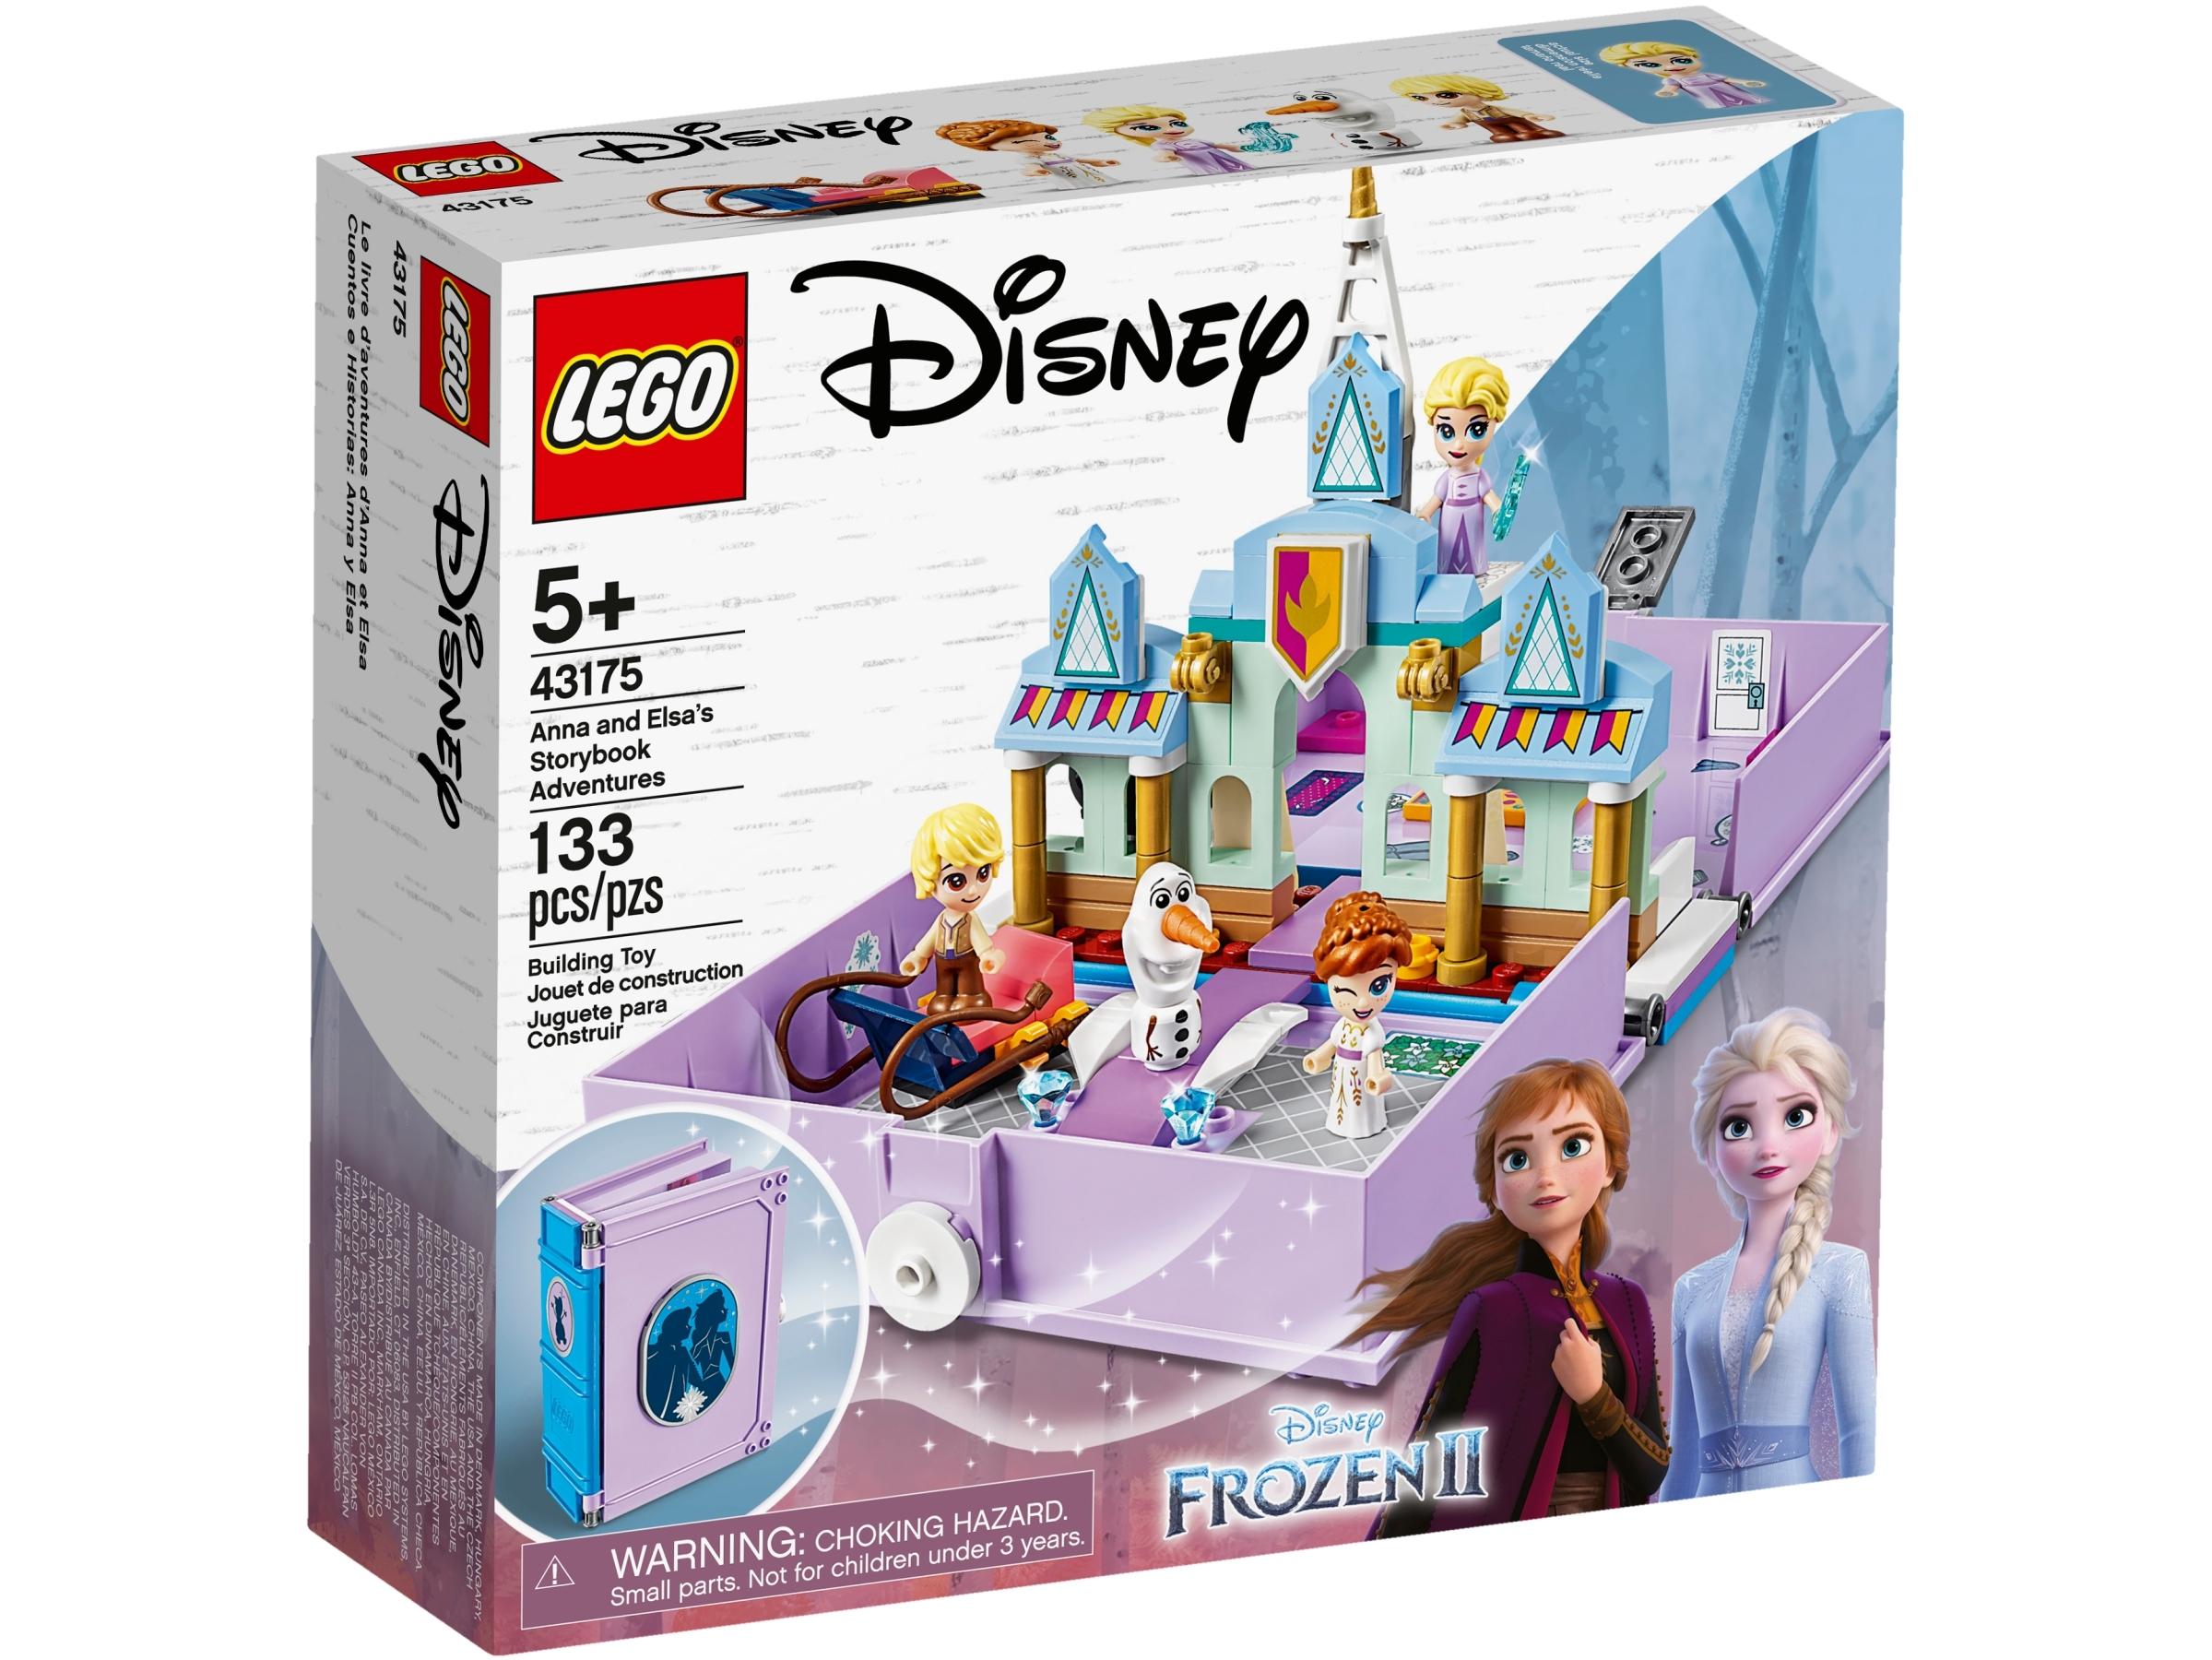 LEGO Disney Frost 2 Eventyrboken om Anna og Elsa 43175